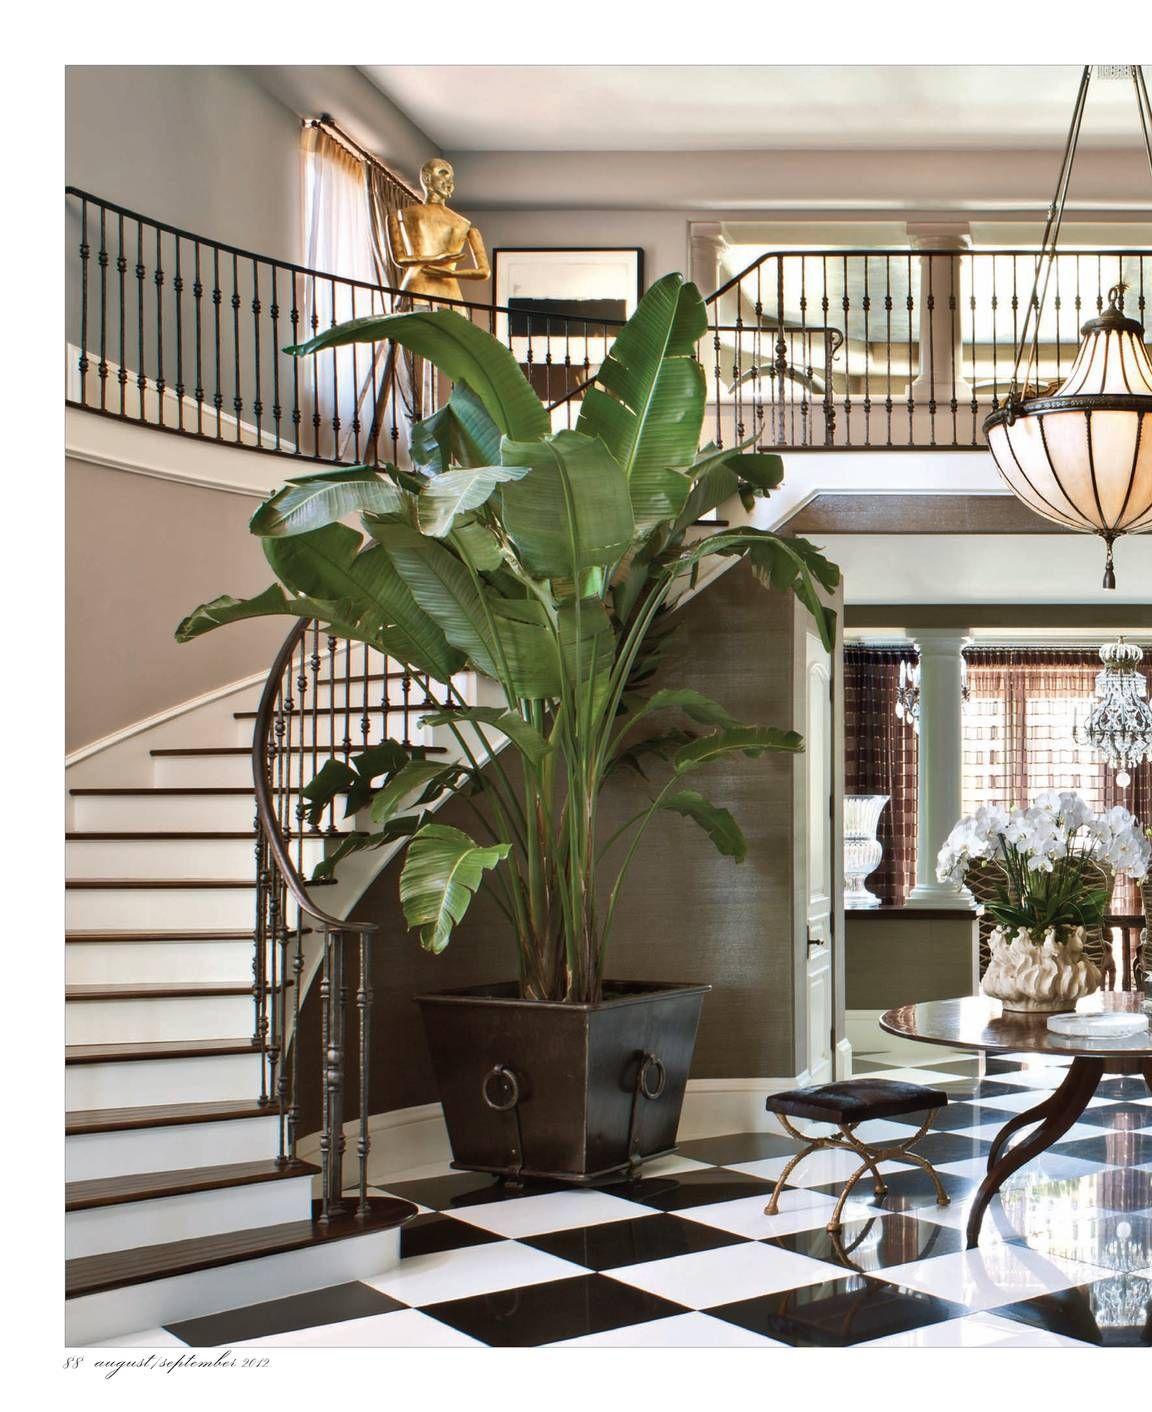 Kris Jenner Bedroom Decor Plant As Focal Pointpoint Kardashian Jenner Home California